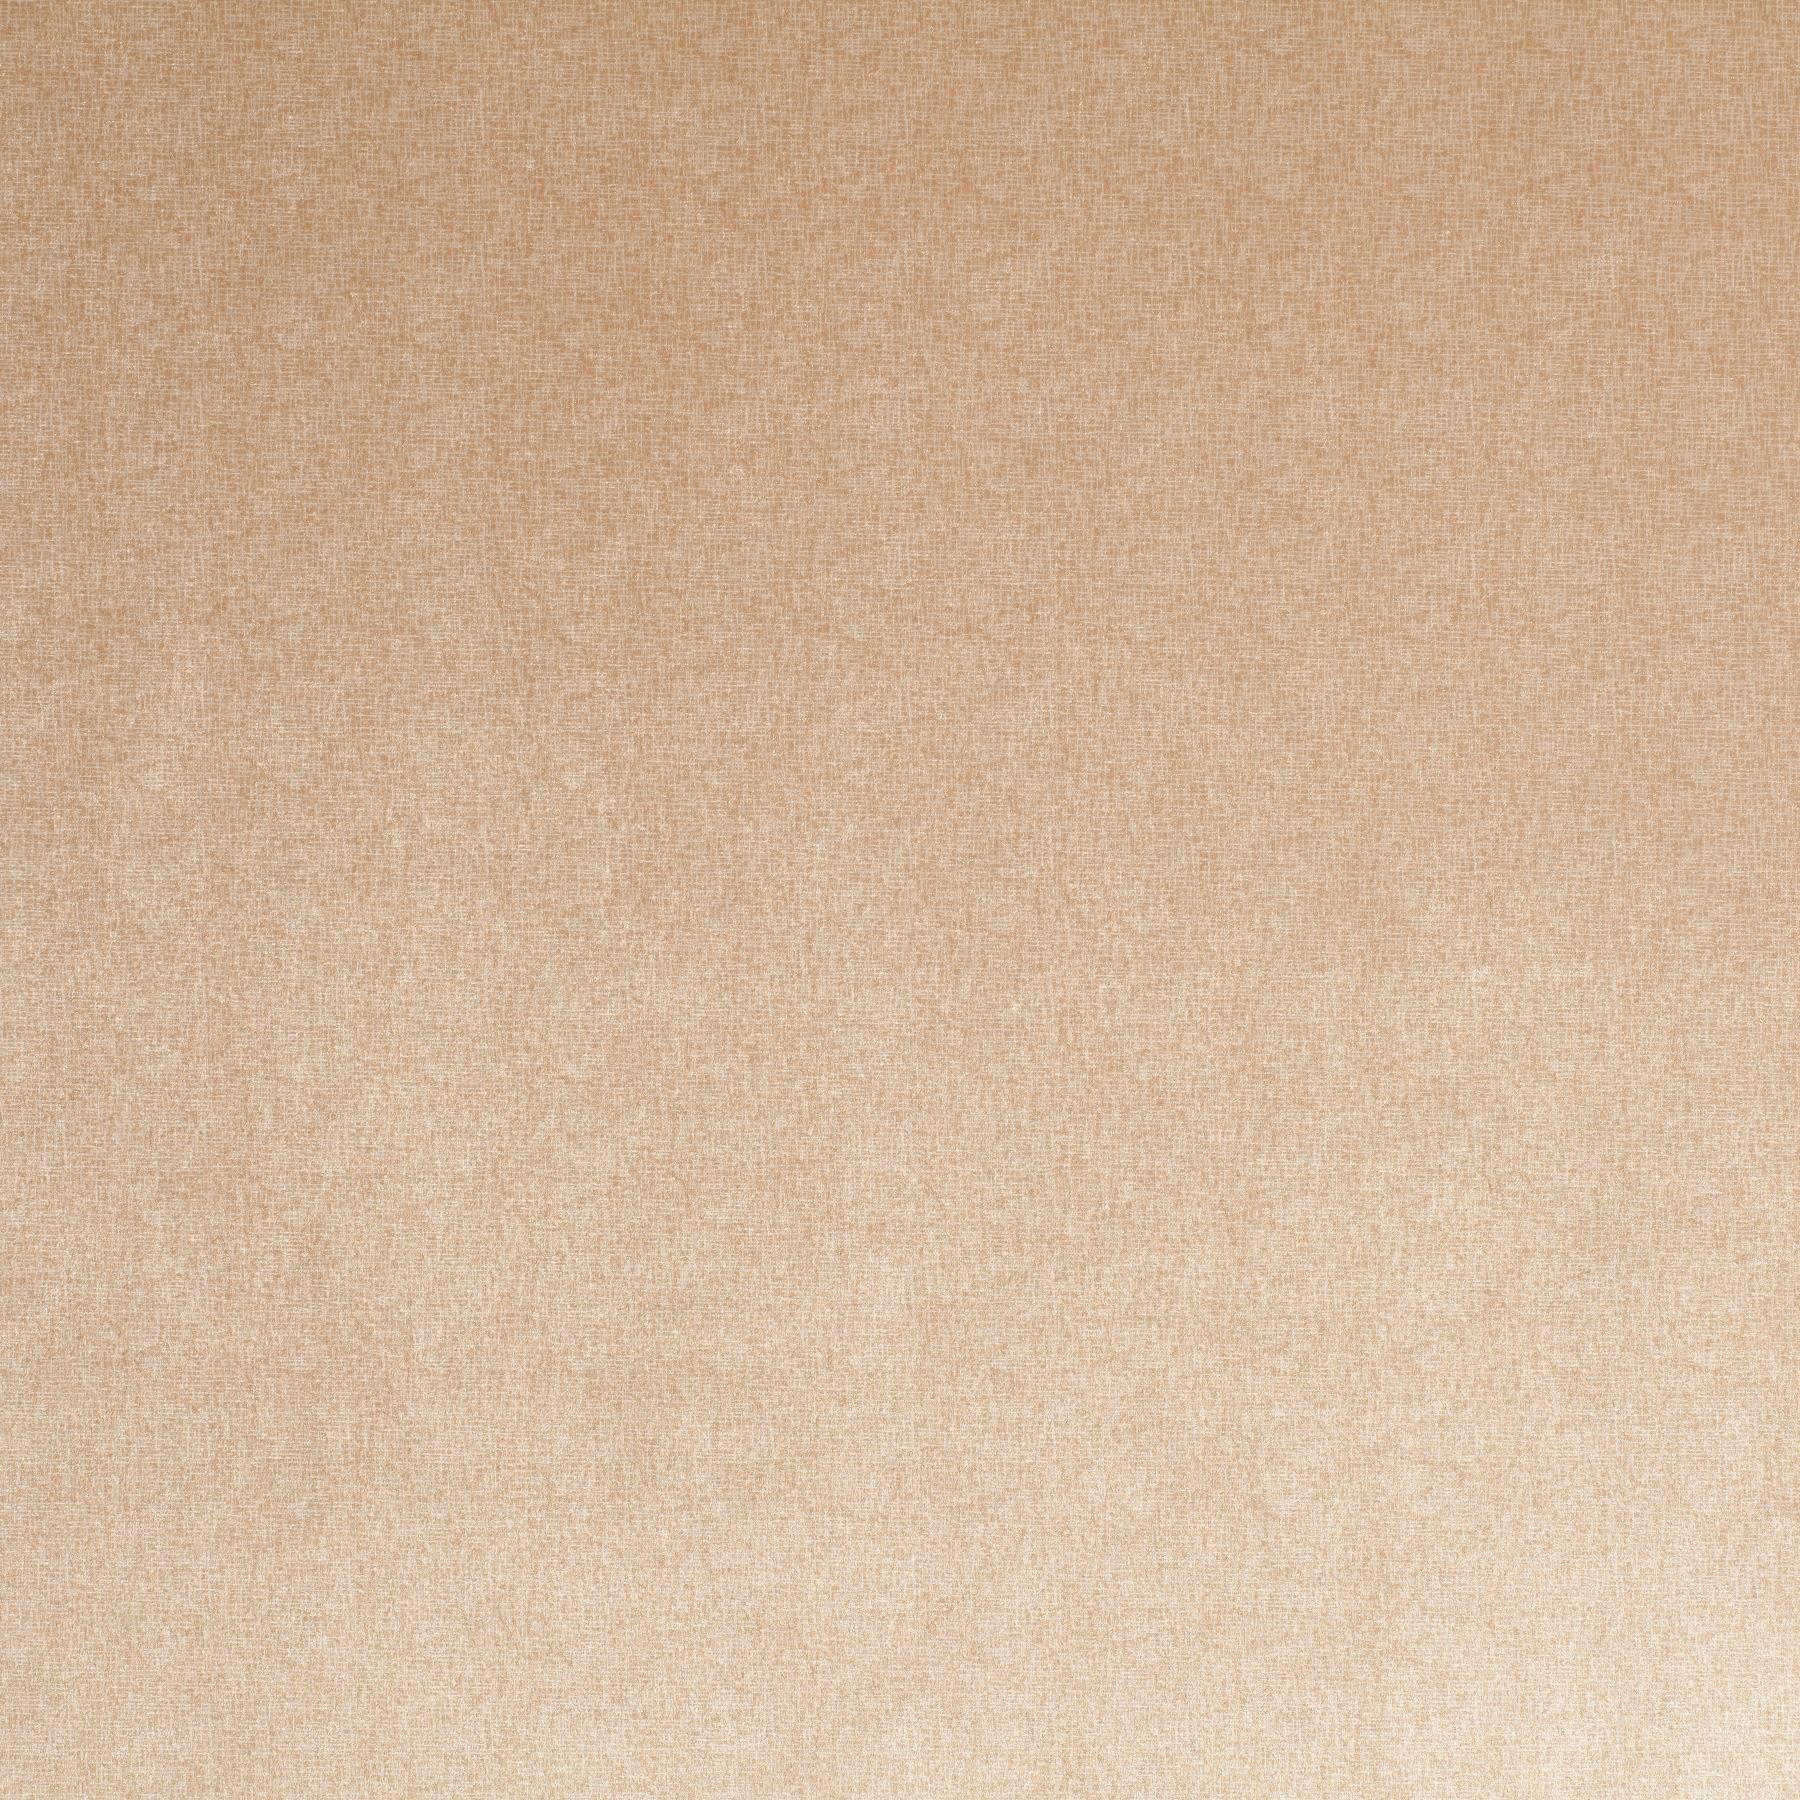 Upholstery Fabric Punto Velvet Ca1293 062 Chivasso